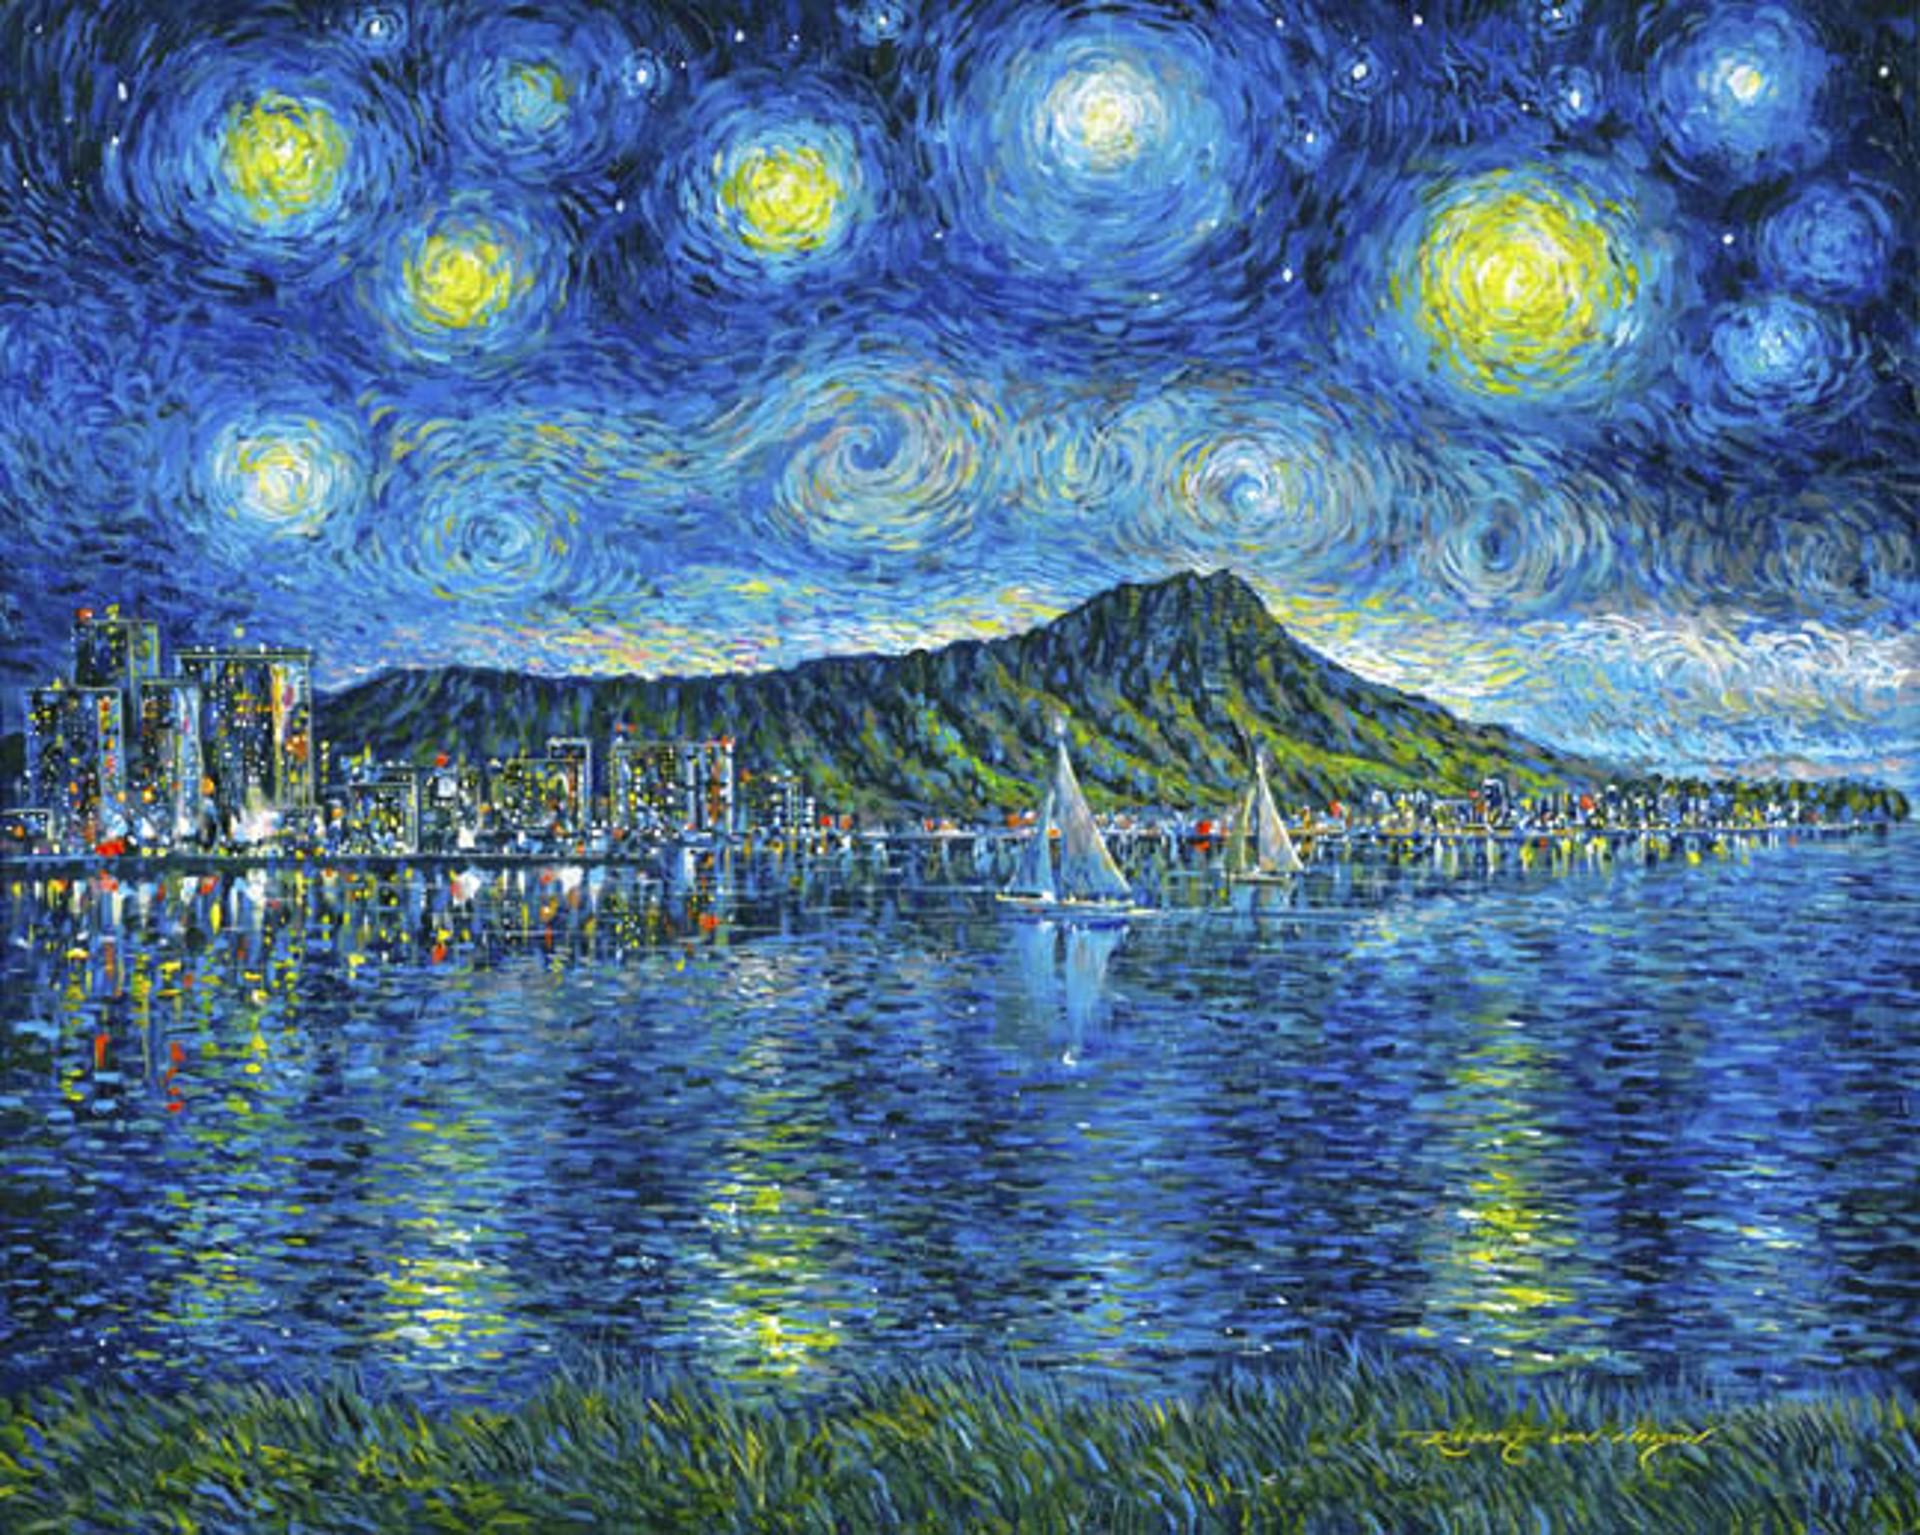 Starry Starry Diamond Head by Robert Lyn Nelson